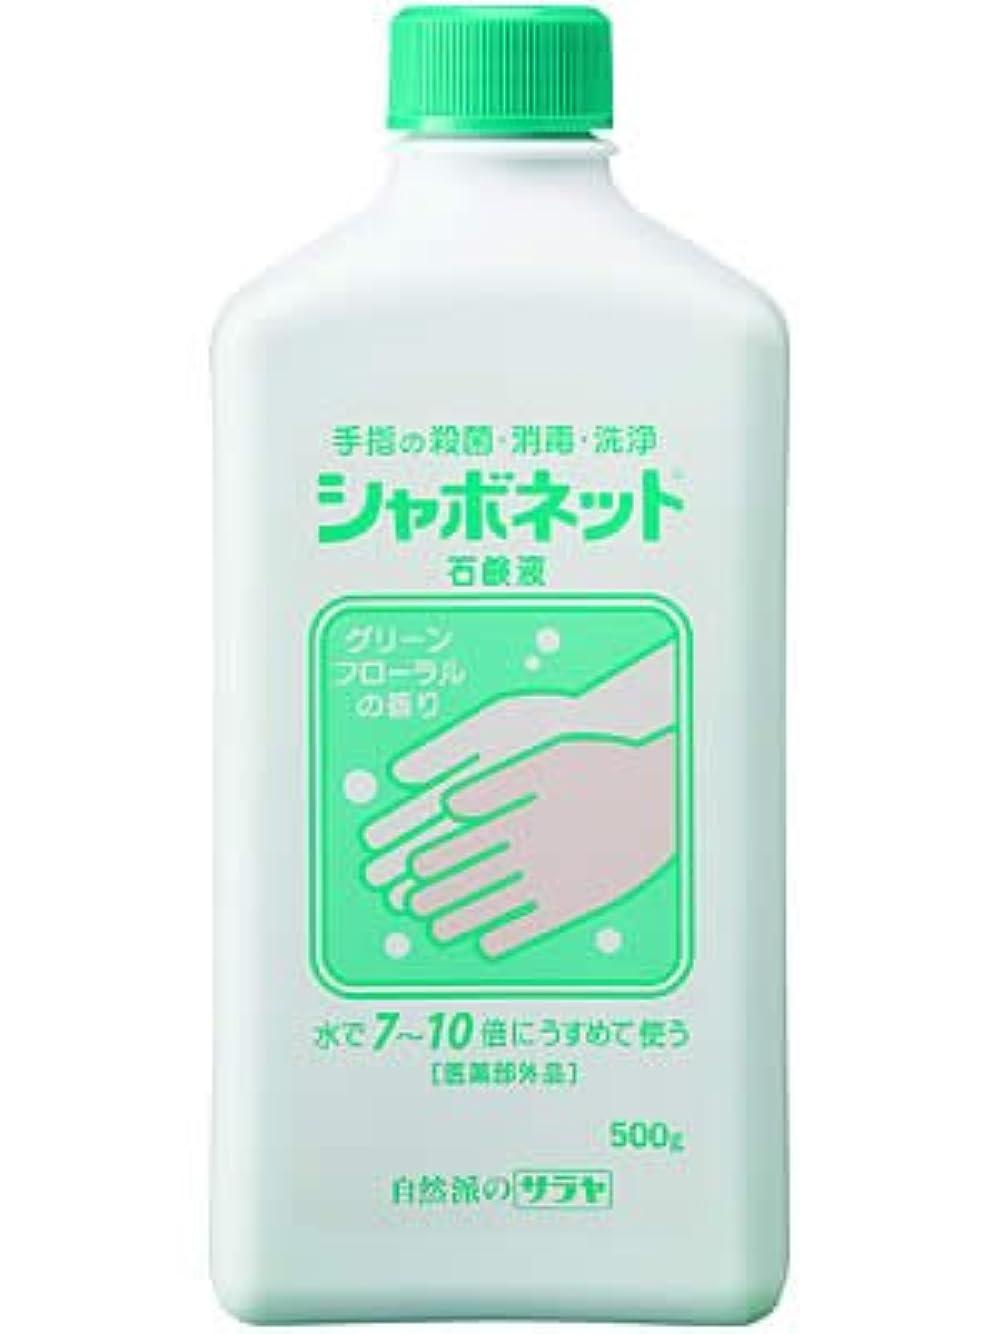 シャボネット 石鹸液 500g ×10個セット